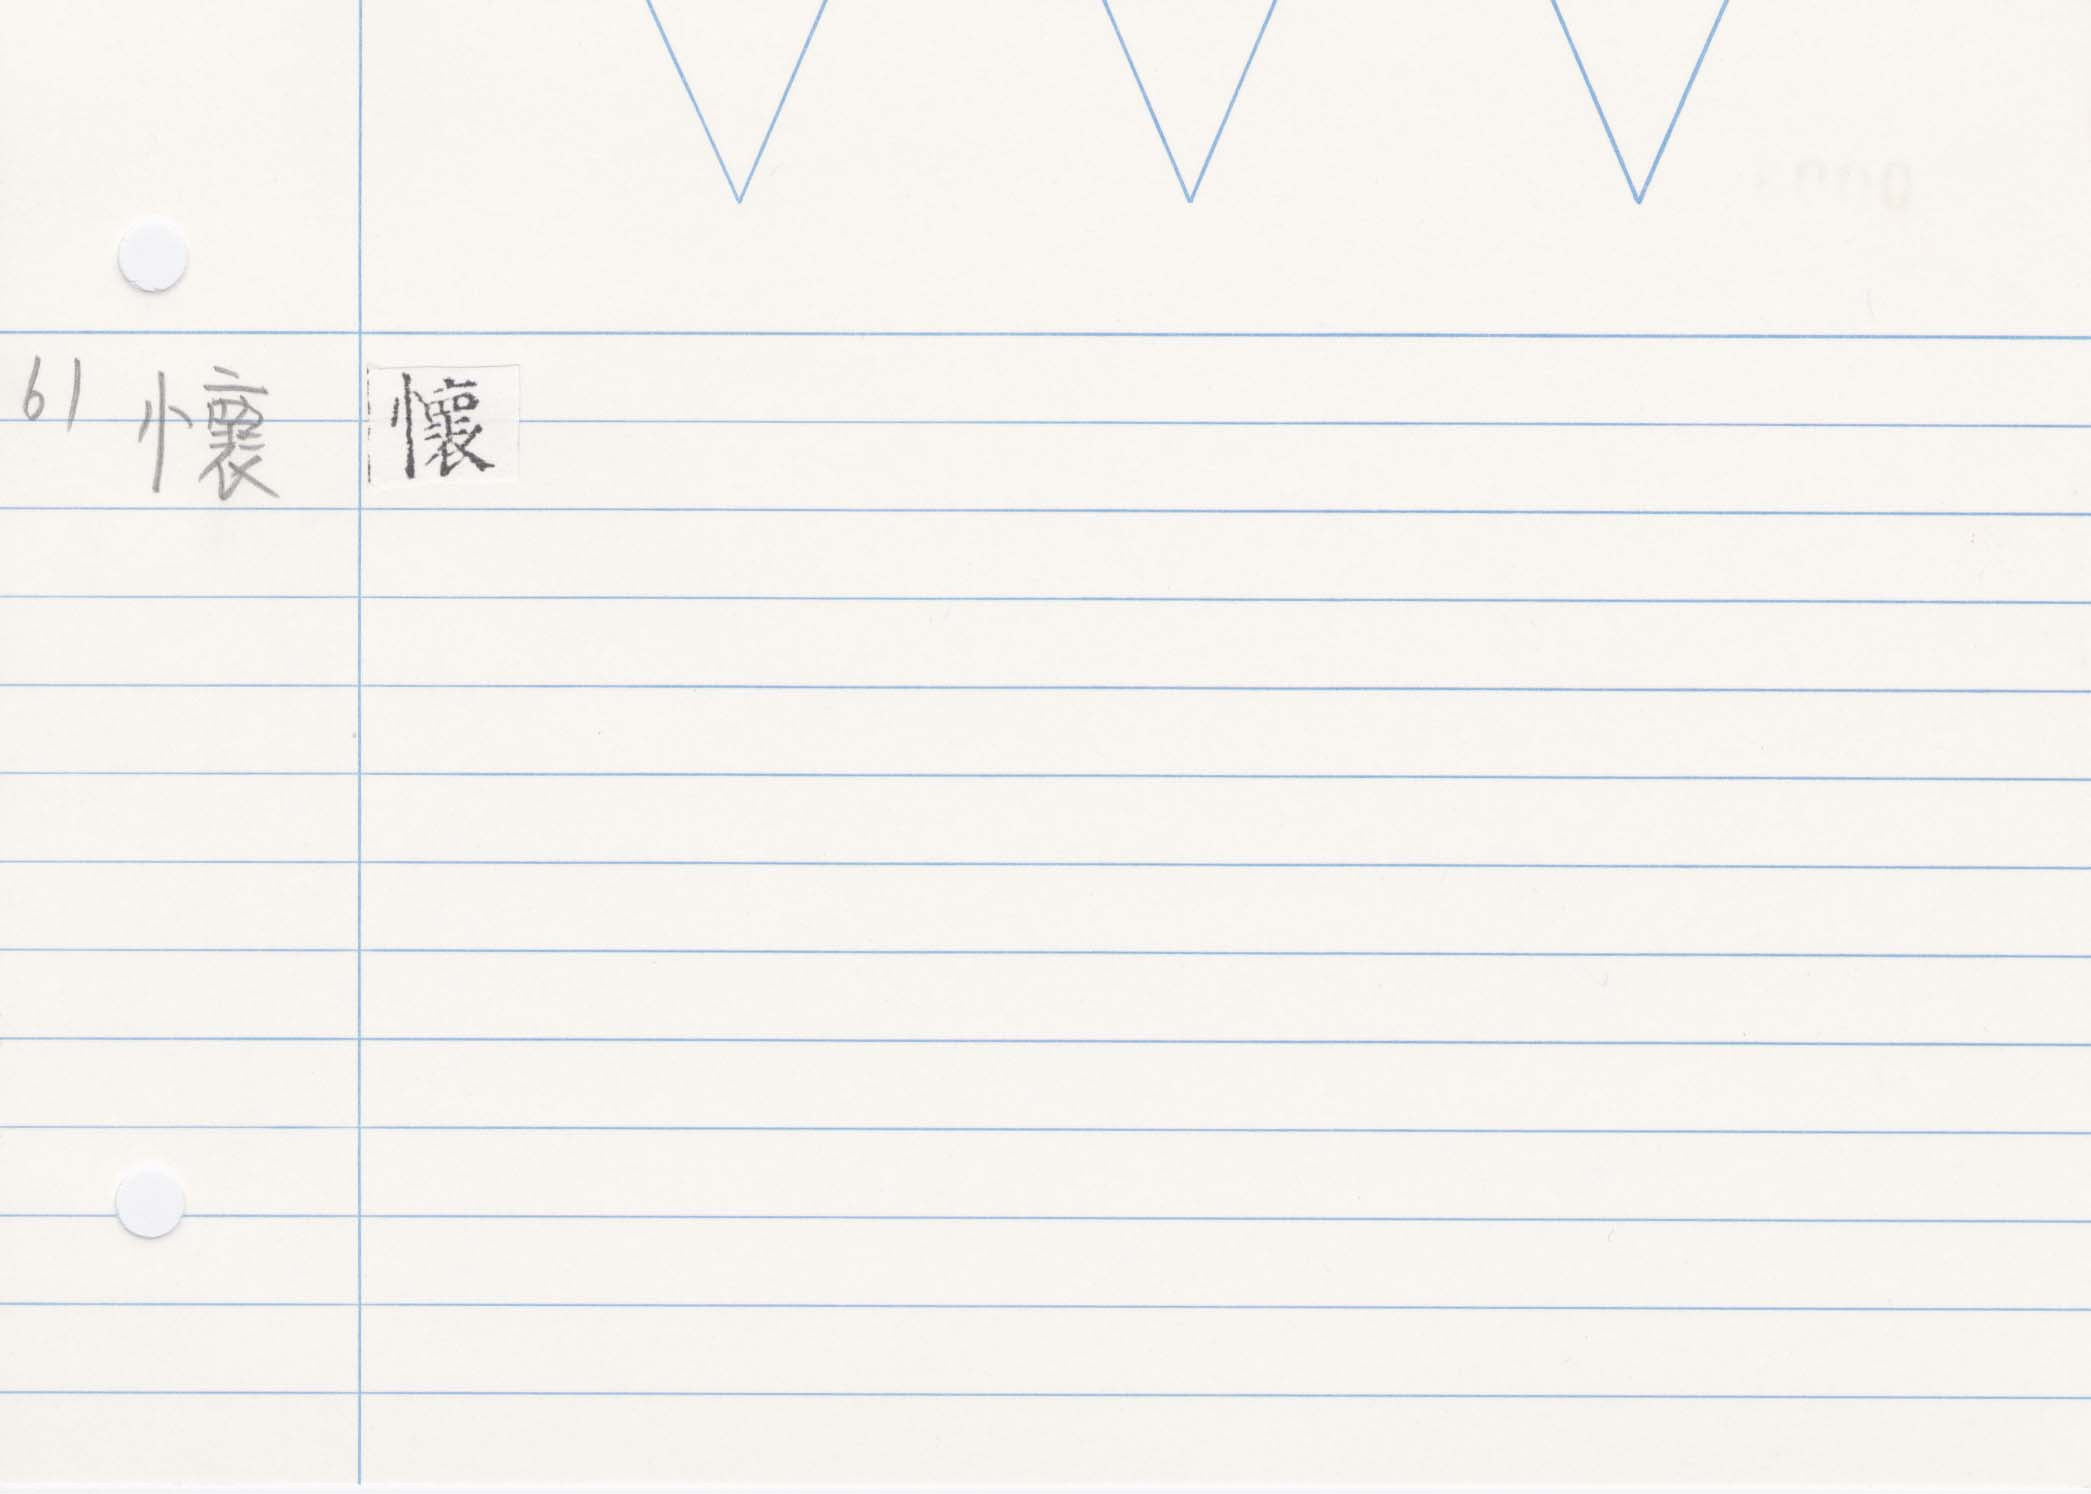 26_齊民要術卷五(高山寺本)/cards/0093.jpg